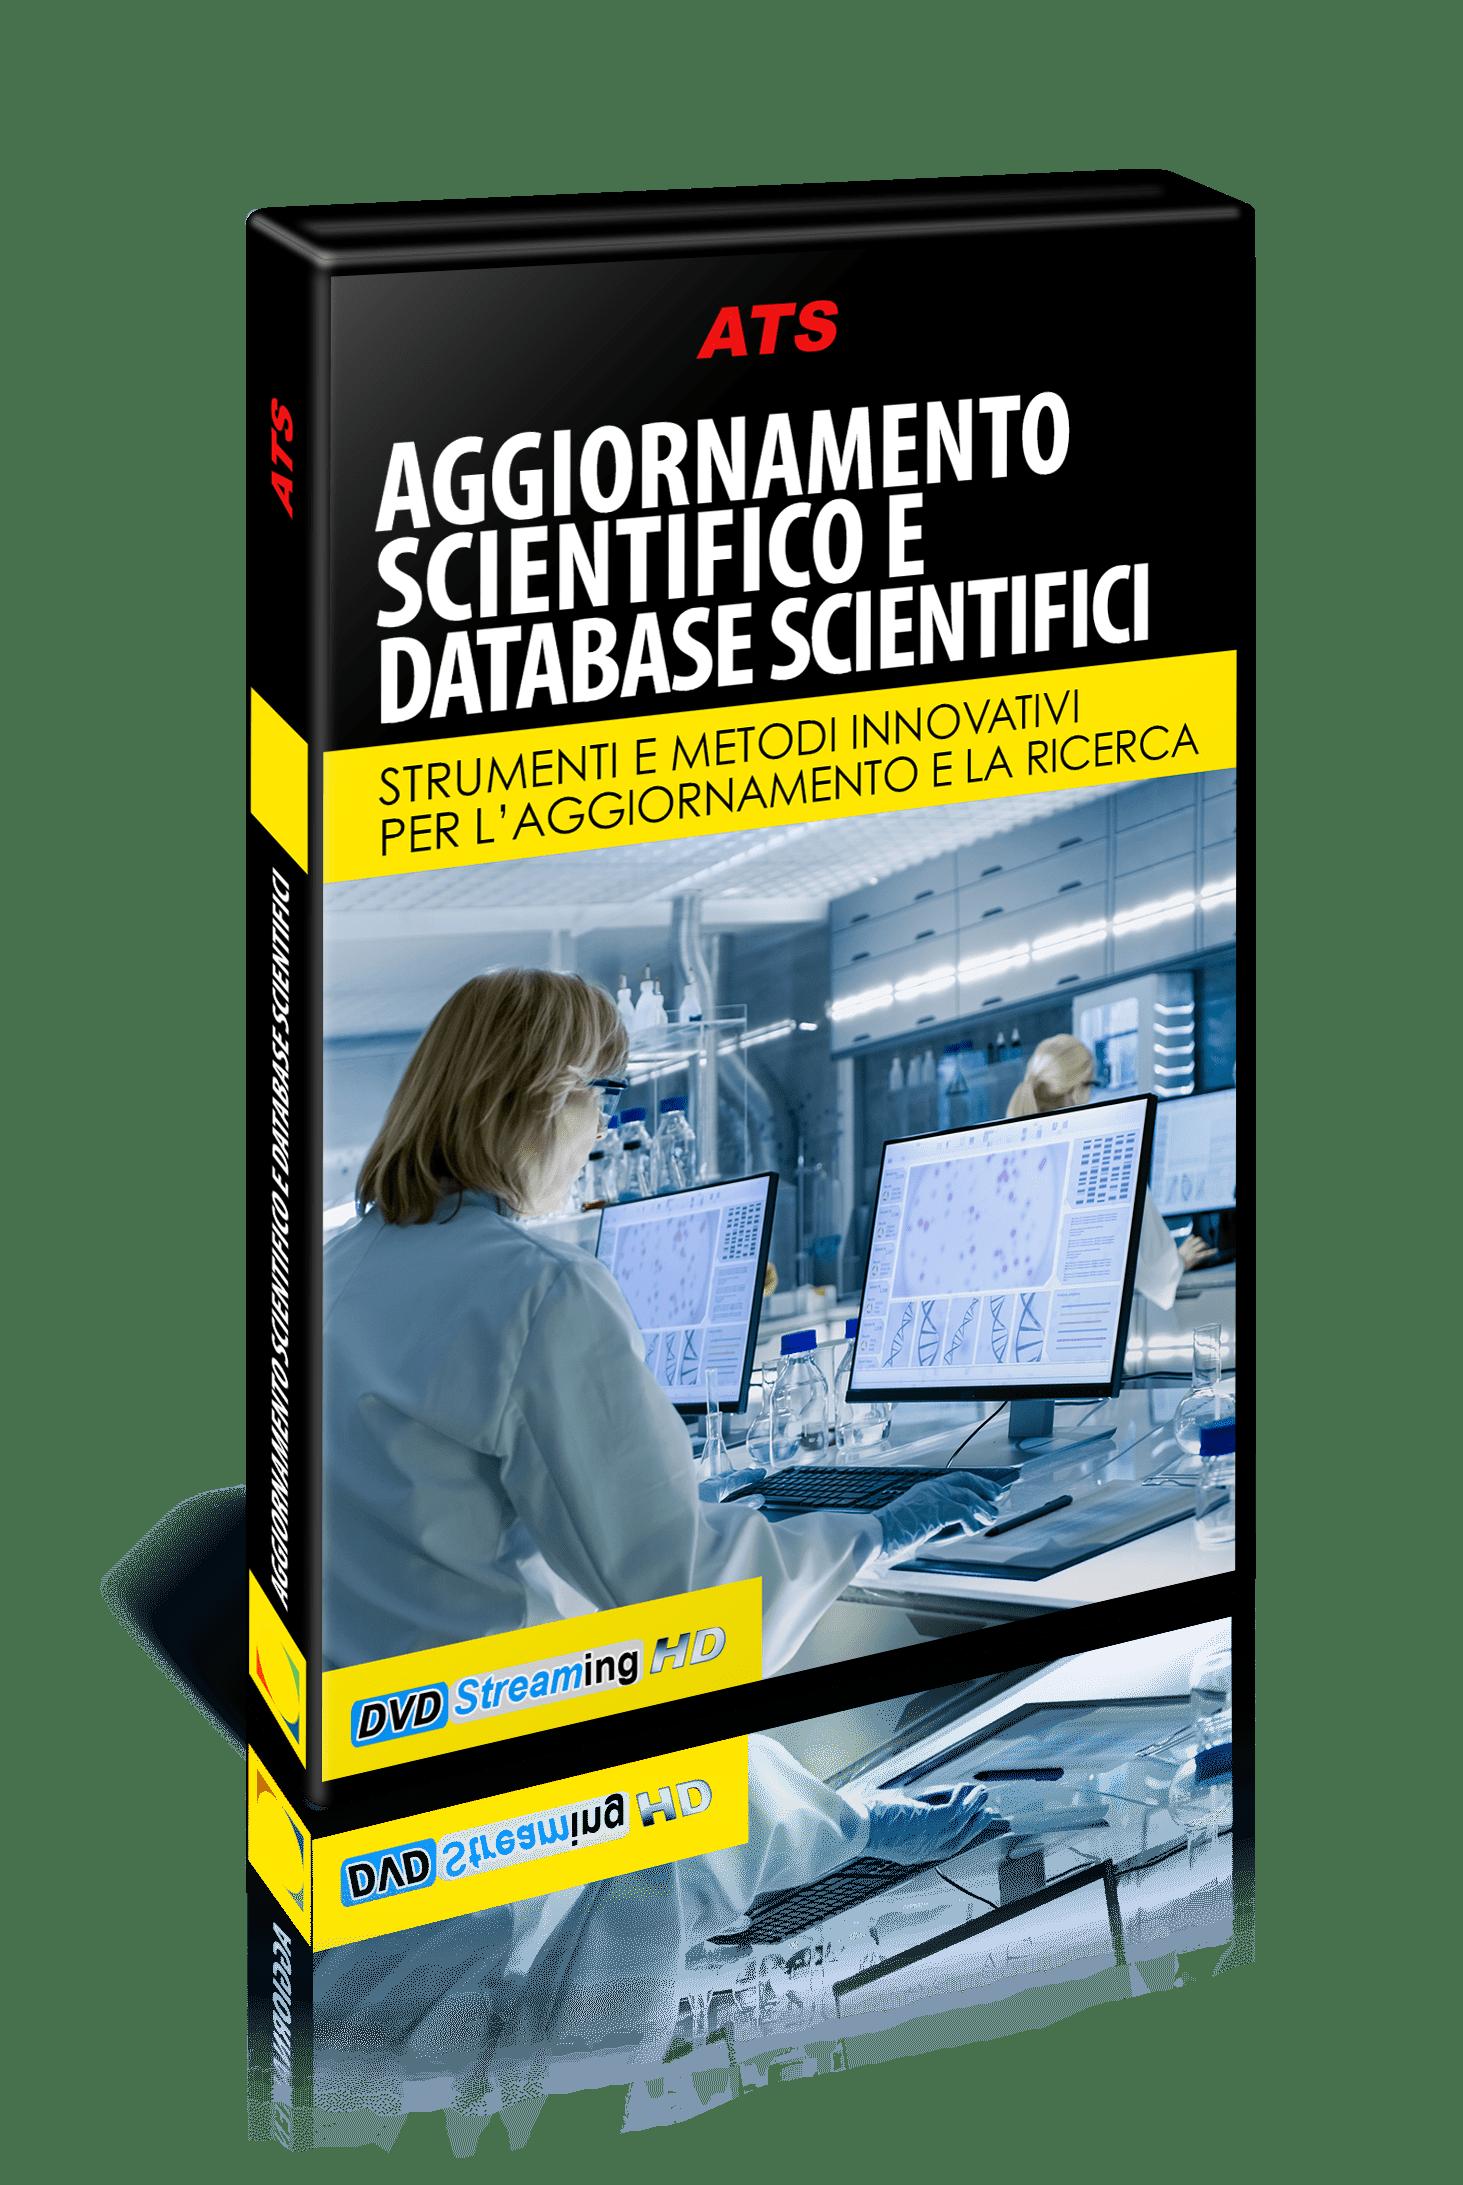 Aggiornamento-Scientifico-Database-scientifici